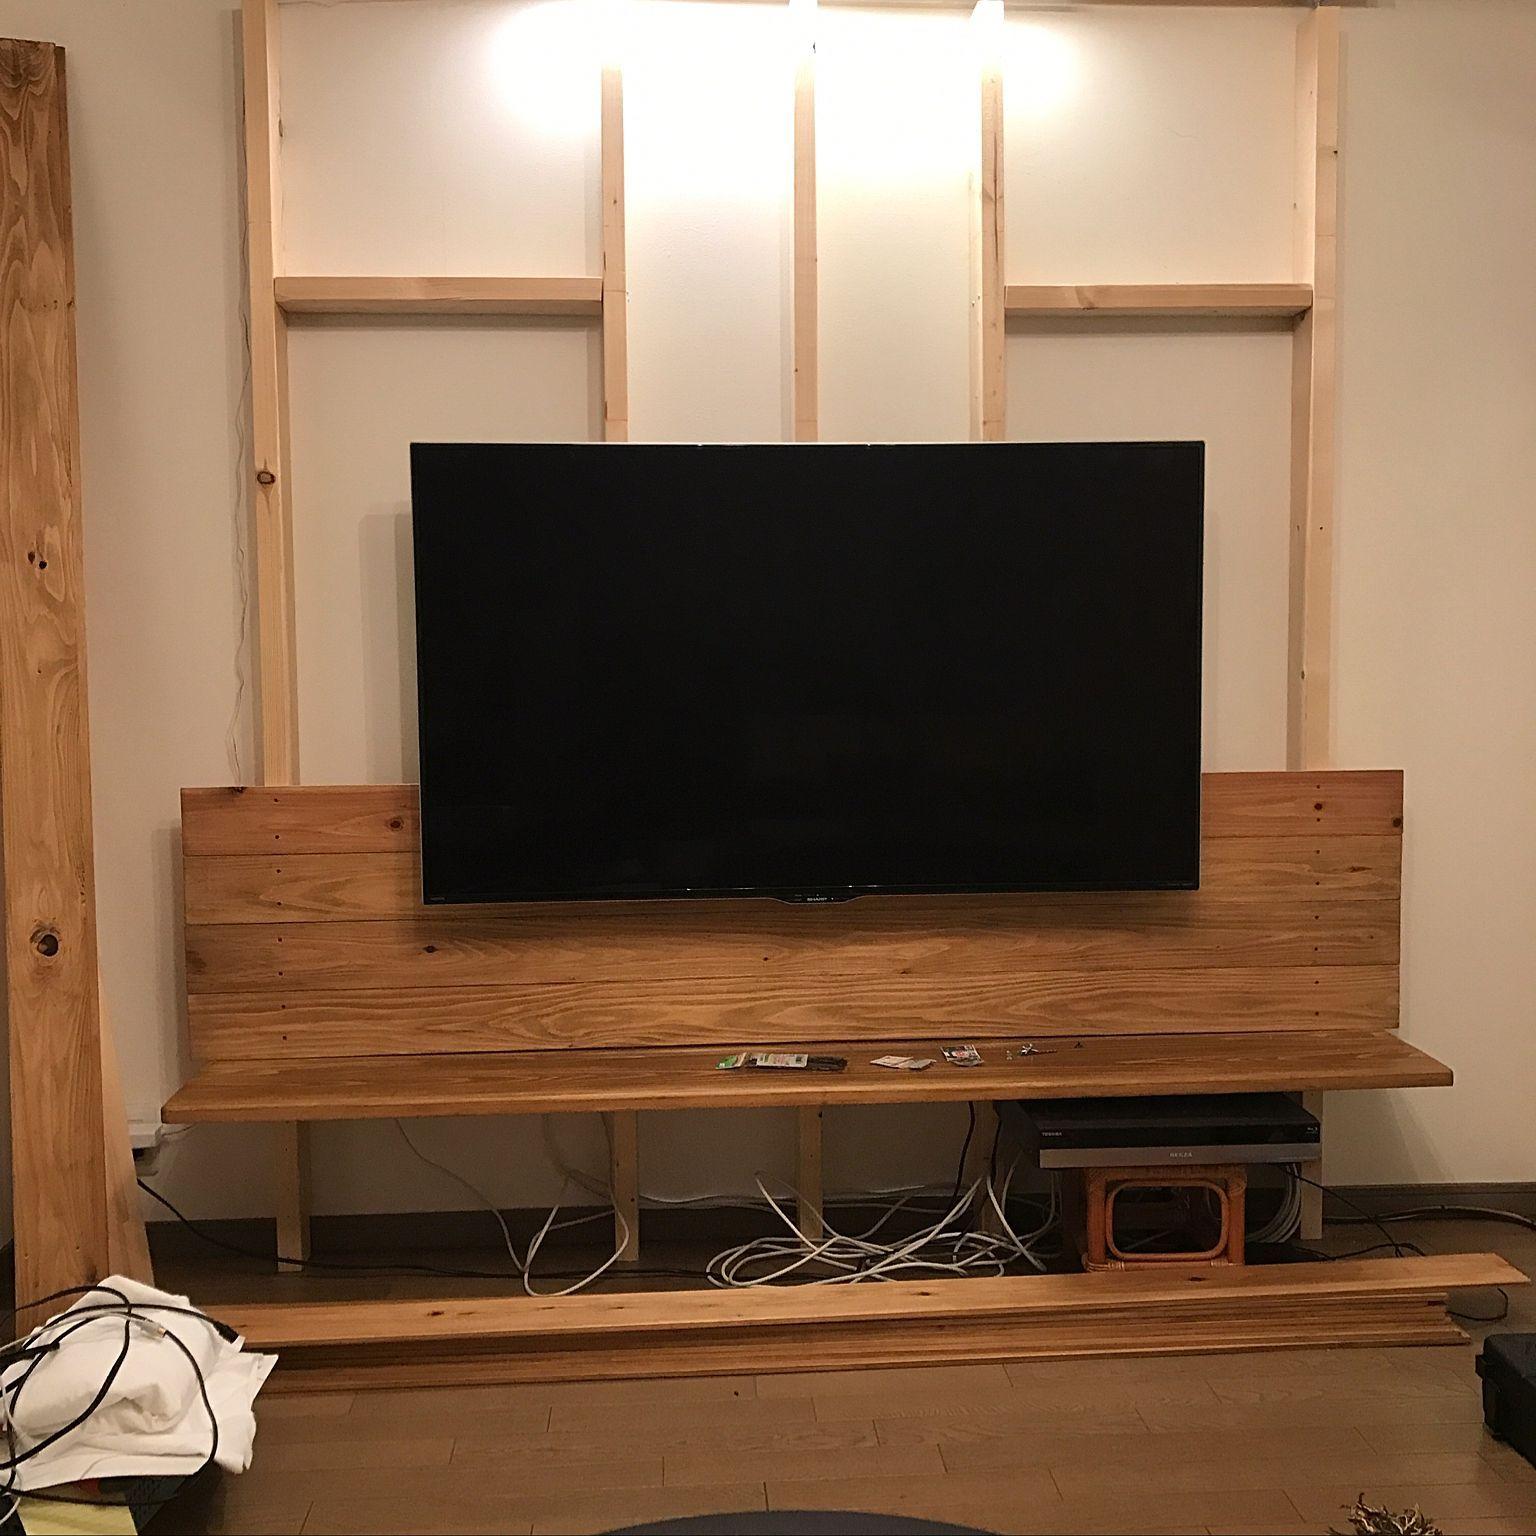 リビング コーナン Diy テレビ壁掛け Woodwork テレビ壁掛け などのインテリア実例 17 01 31 12 34 10 Roomclip ルームクリップ 壁掛けテレビ インテリア 収納 インテリア